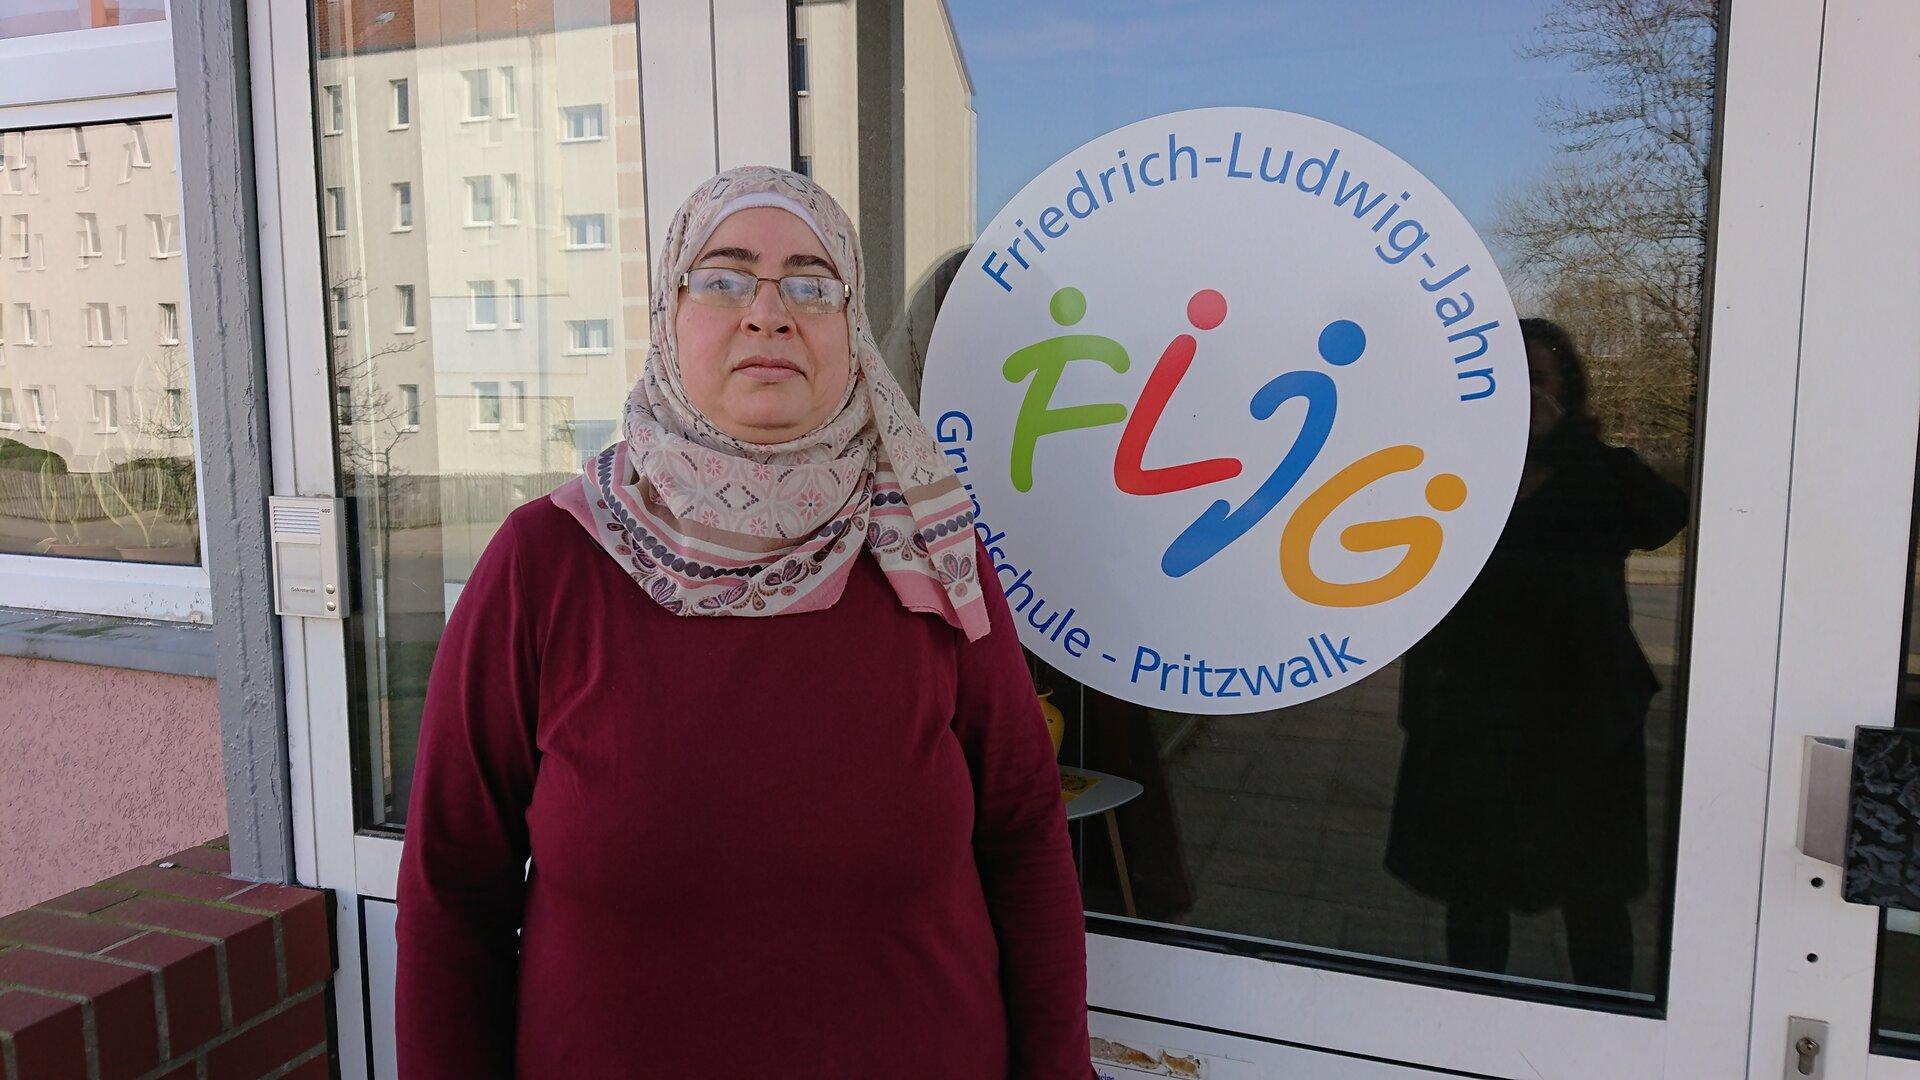 Frau Halak